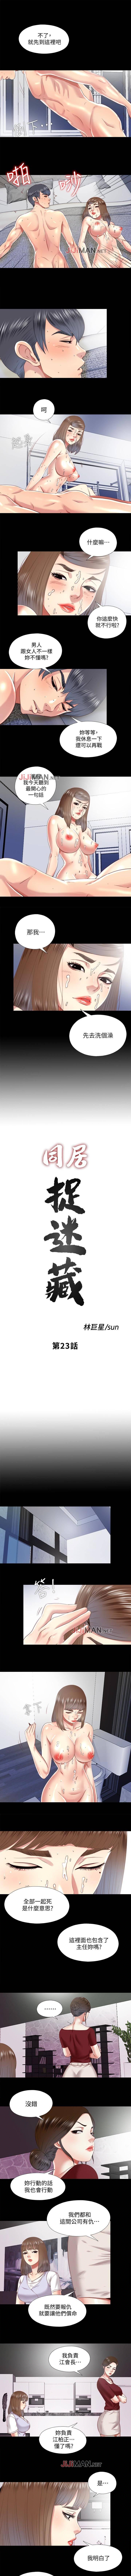 【已完结】同居捉迷藏(作者:林巨星) 第1~30话 91